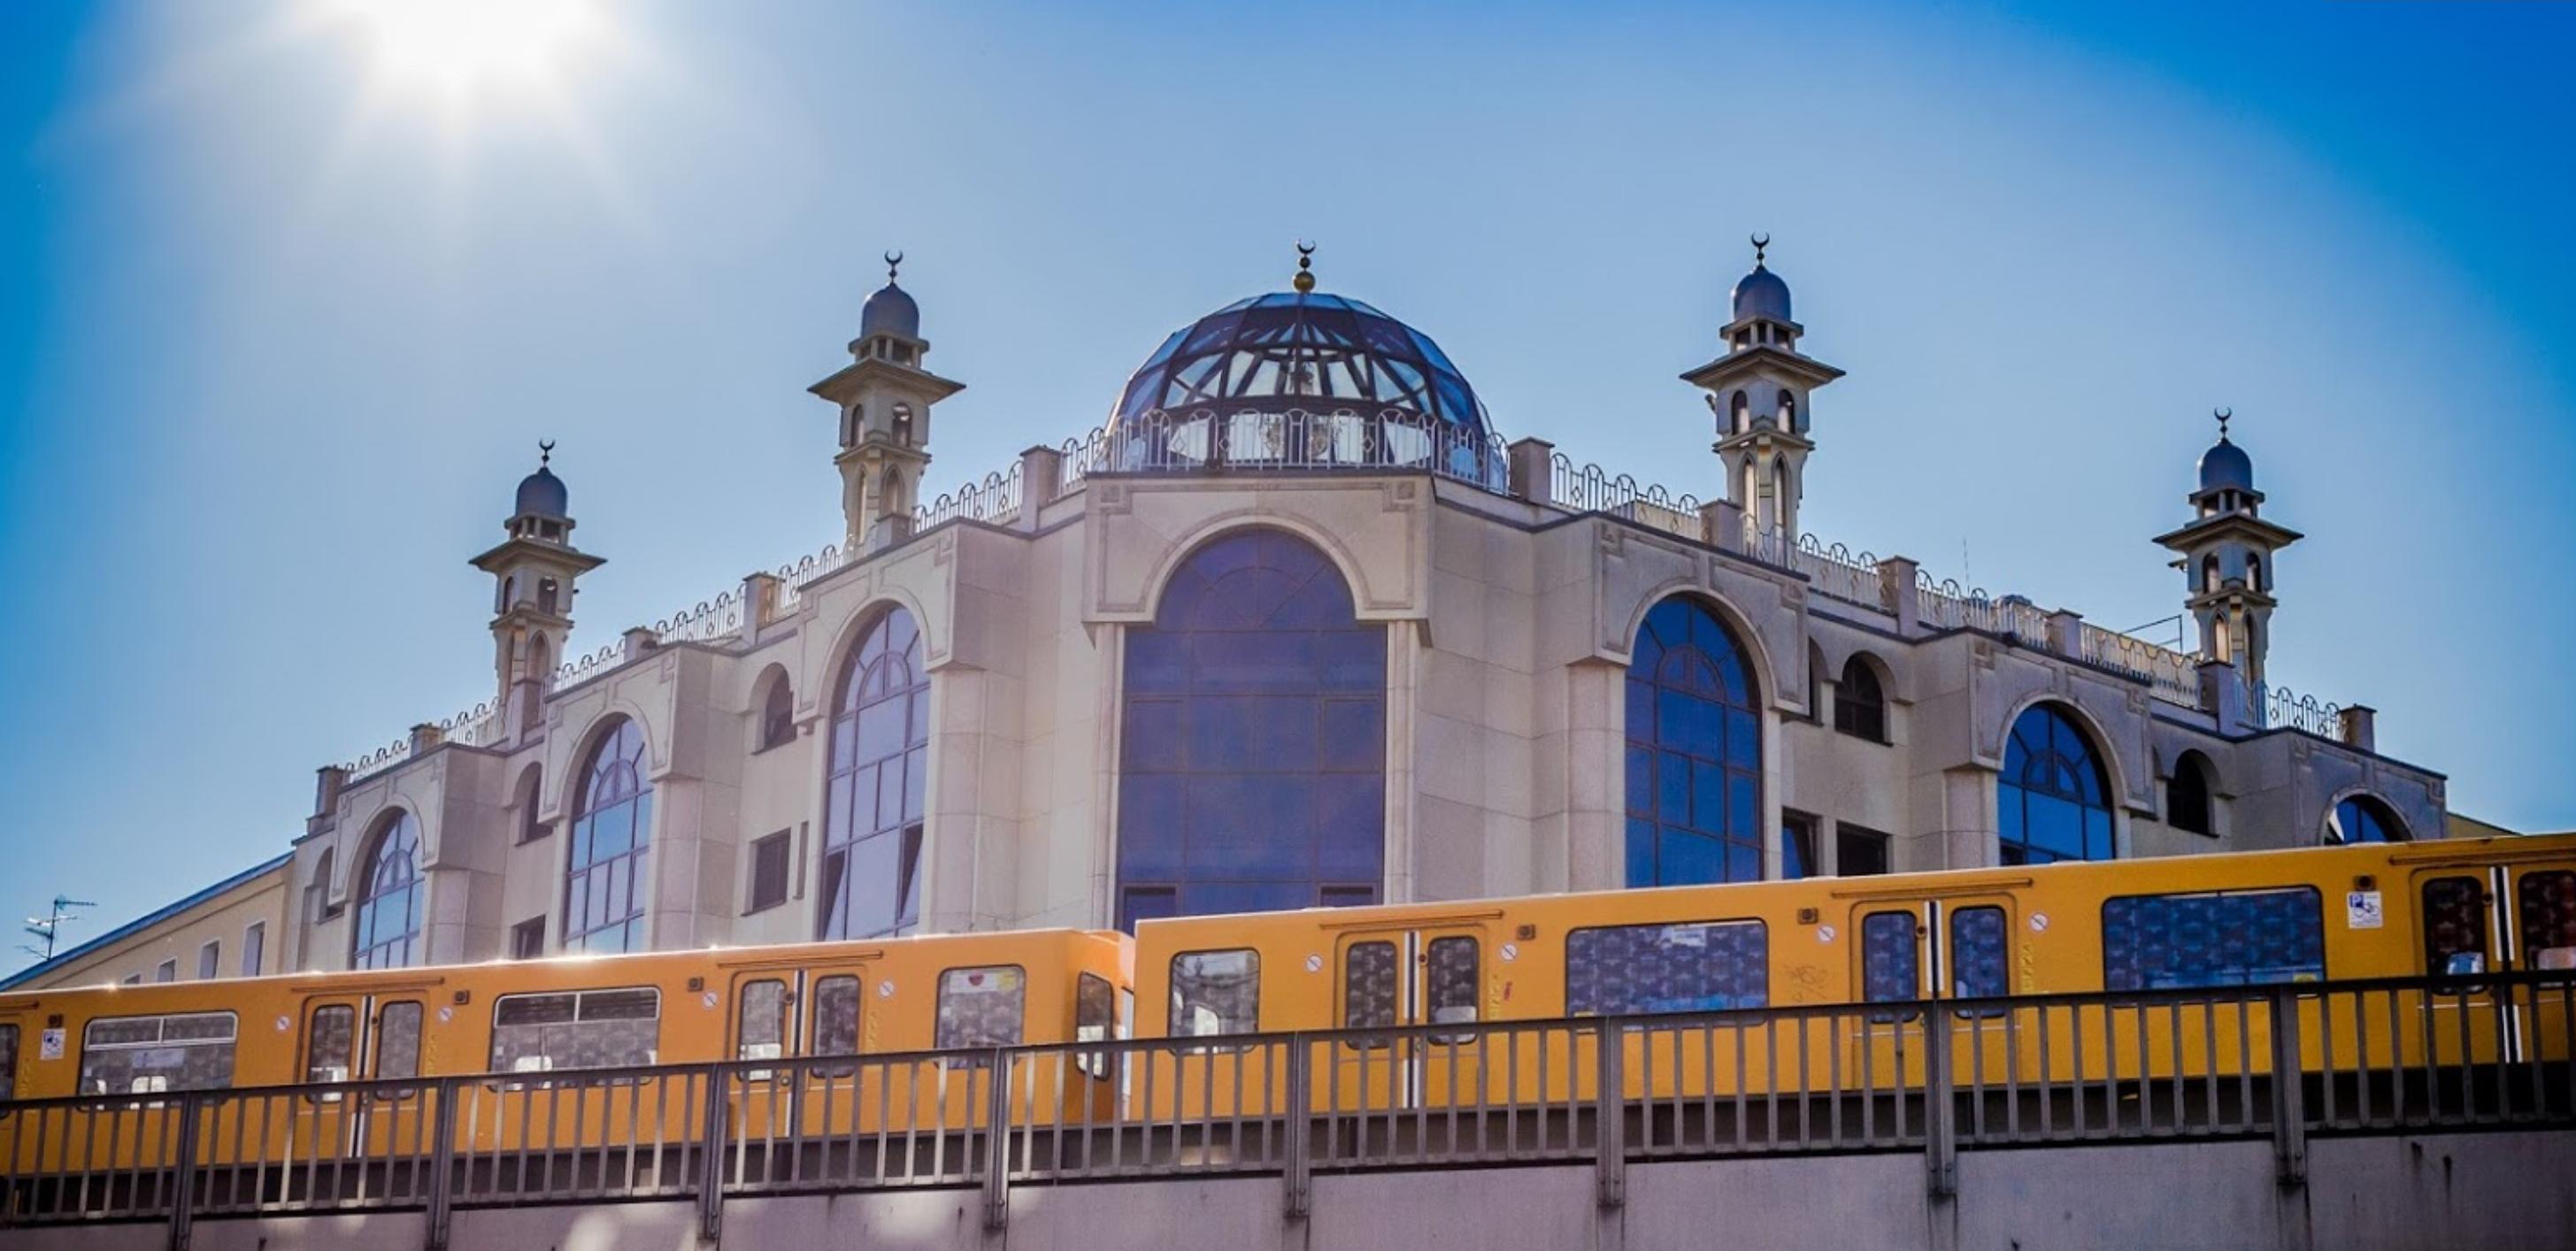 مسجد عمر بن الخطاب